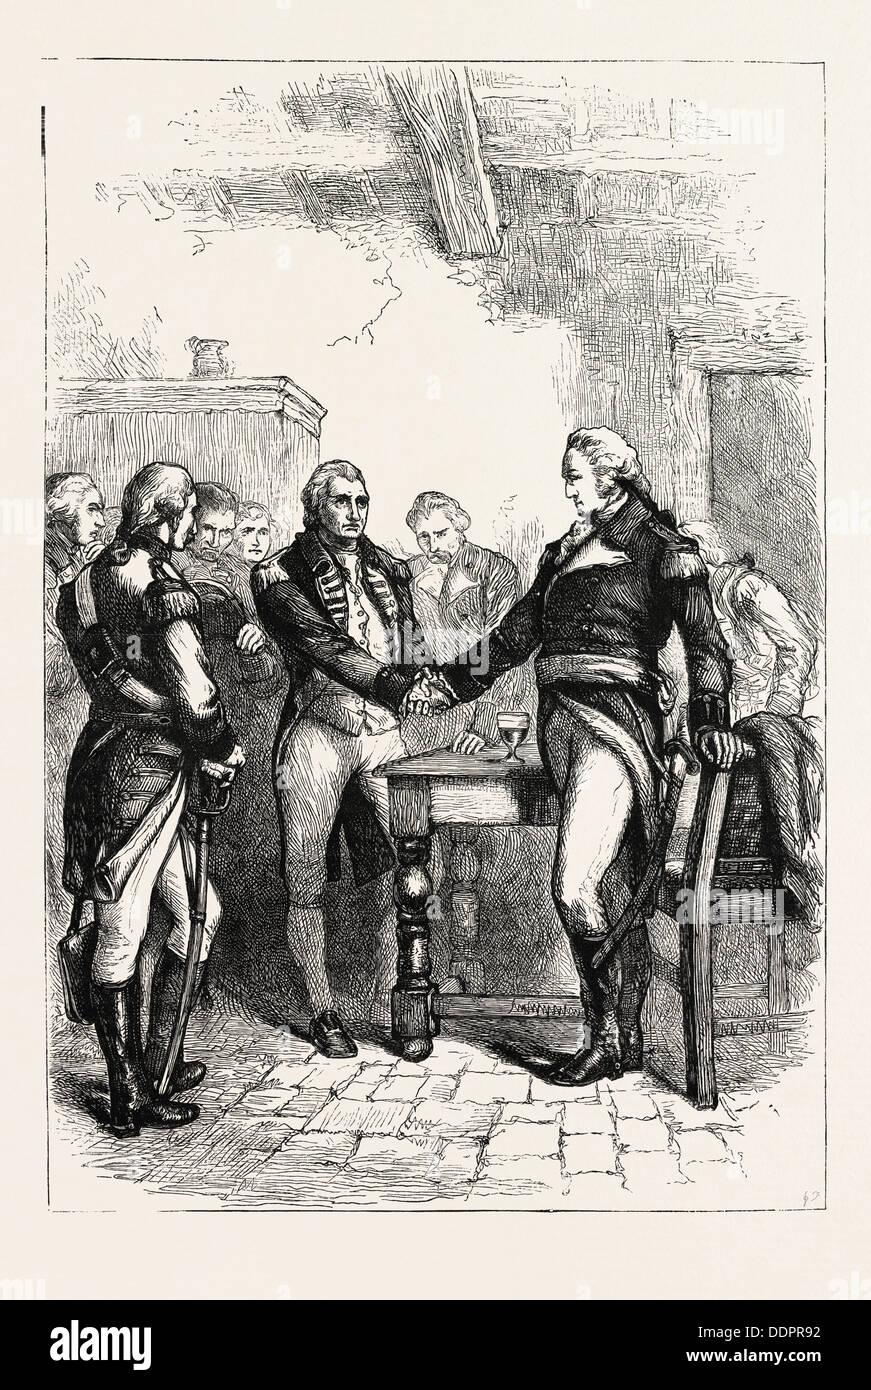 WASHINGTON EN PRENANT CONGÉ ses anciens camarades, US, USA, 1870 Gravure Photo Stock